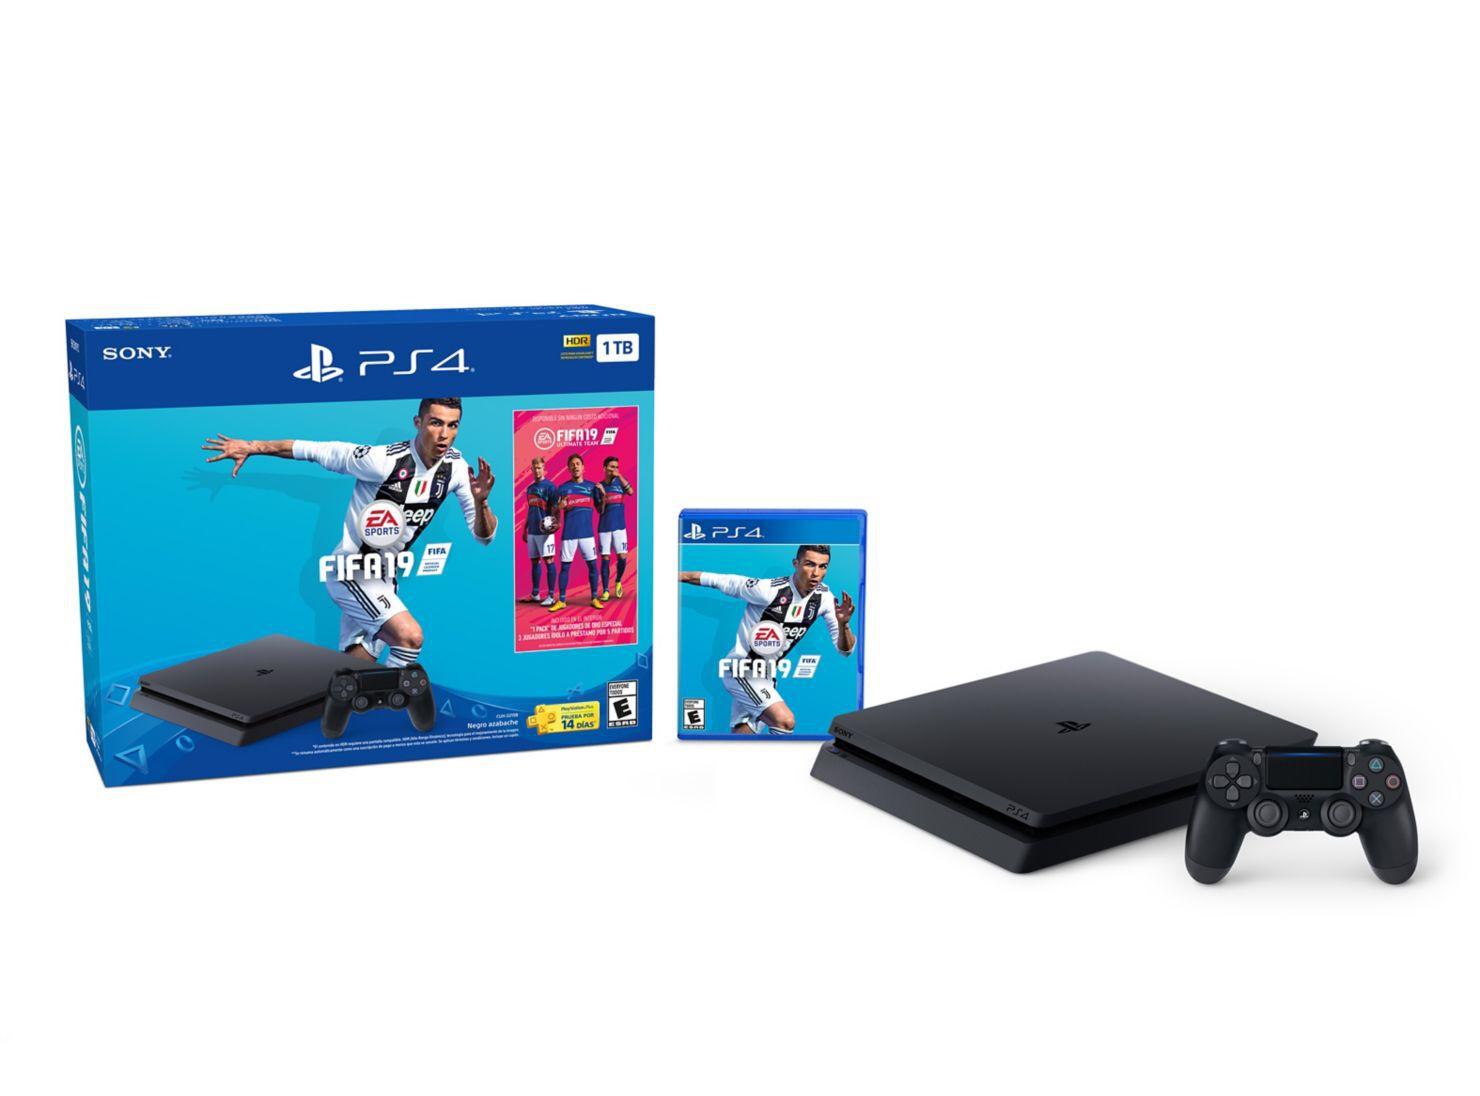 Consola Ps4 Slim 1tb Juego Fifa 19 Juegos Ps4 Y Vr Paris